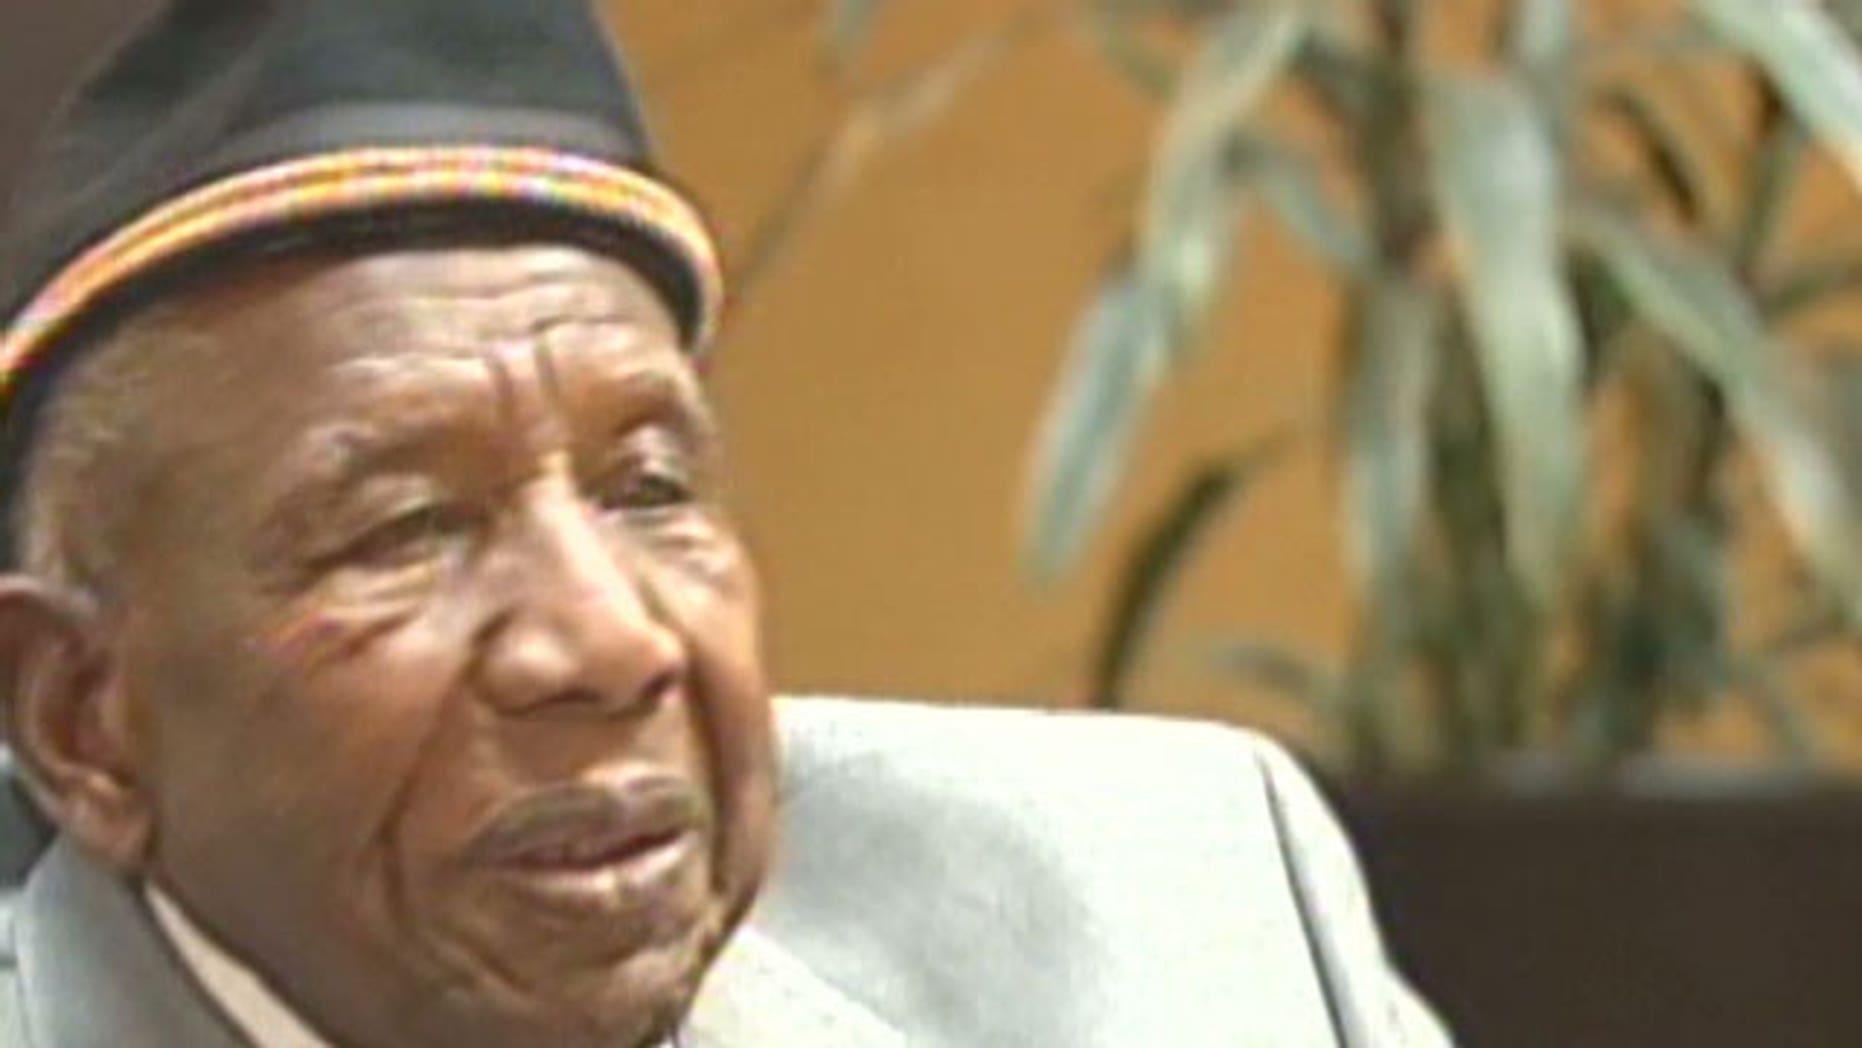 Bishop Otis Clark, the world's oldest traveling minister.